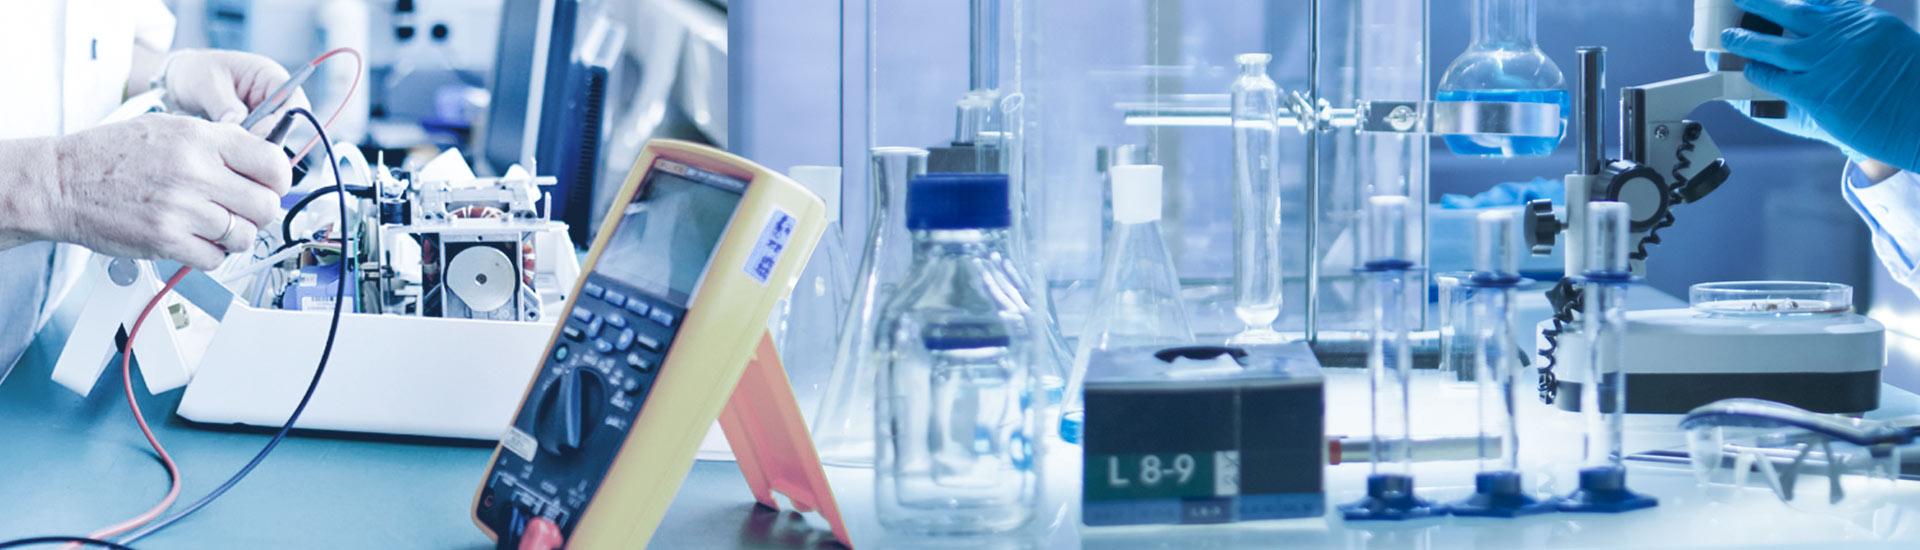 Trabajando con materiales y suministros de laboratorio en Grupo Comsurlab